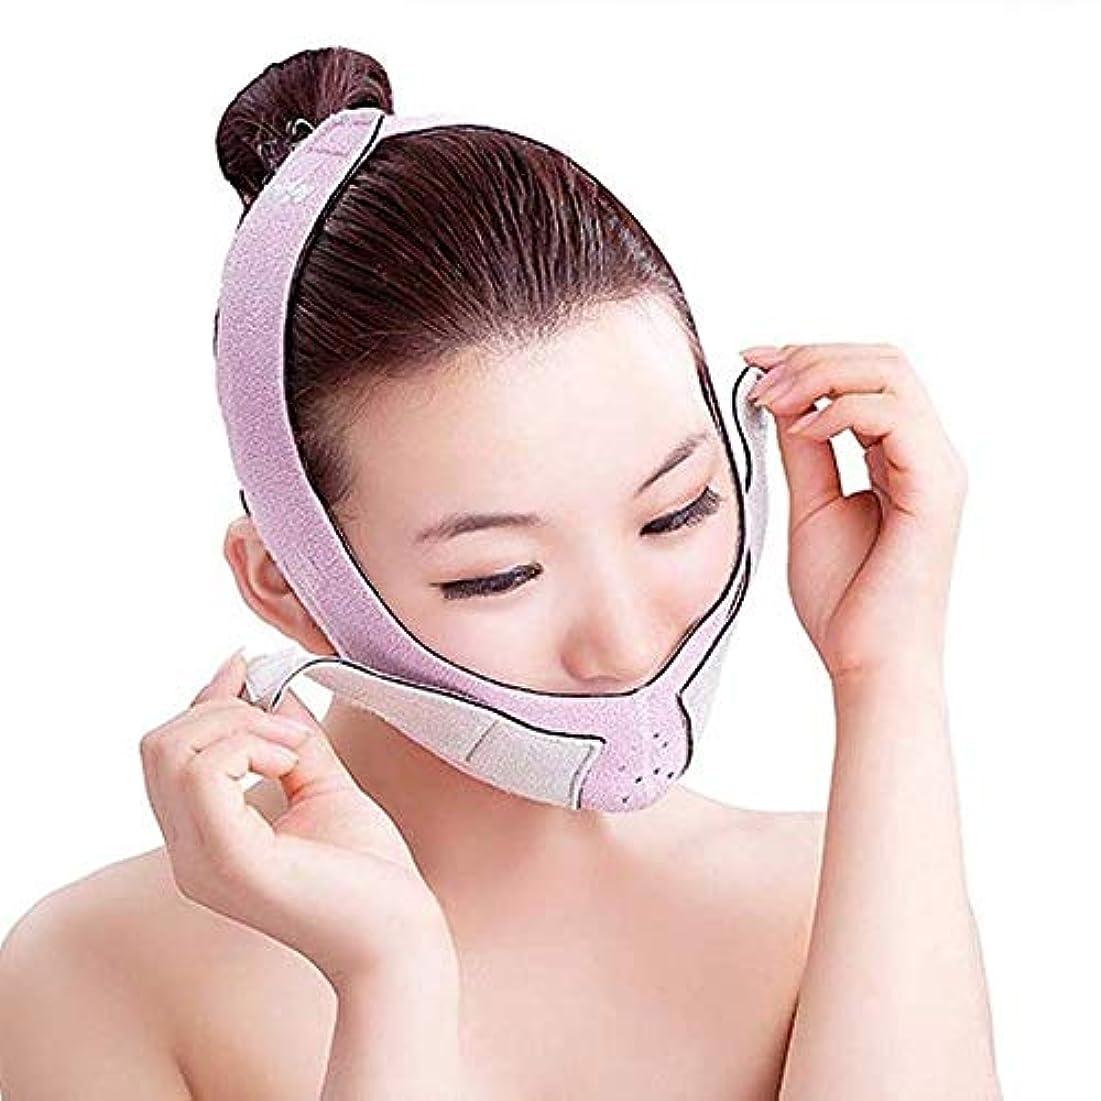 息を切らして計器ディベートHEMFV フェイススリミングマスク、3Dフェイスリフトスリミングフェイシャルマスク、皮膚のたるみを排除 - アンチエイジング痛み無料ウェイVフェイスラインベルトチンチークスリムリフト